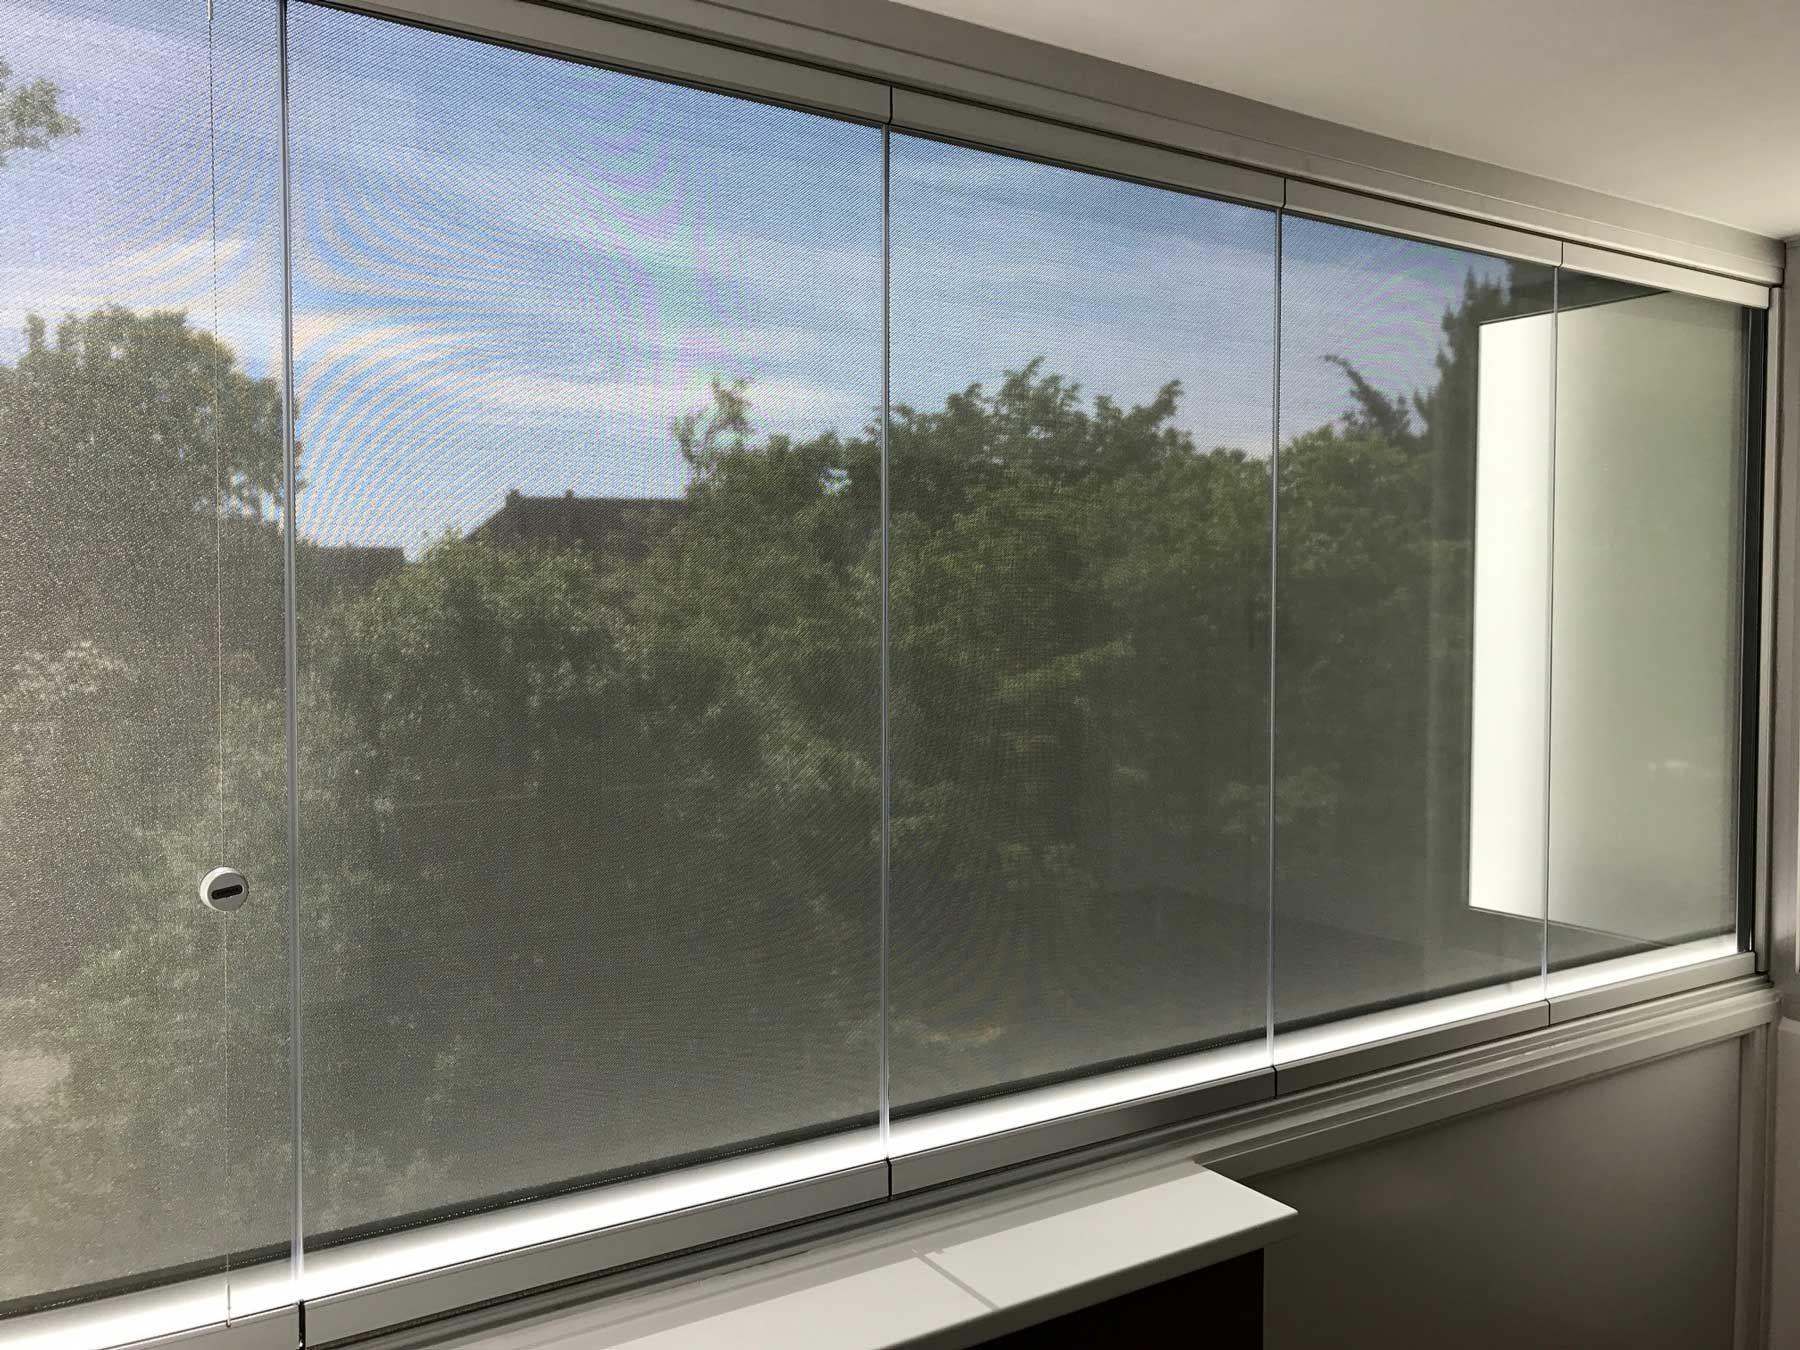 Balkonverglasung mit Beschattung Fixscreen für außen Windschutz